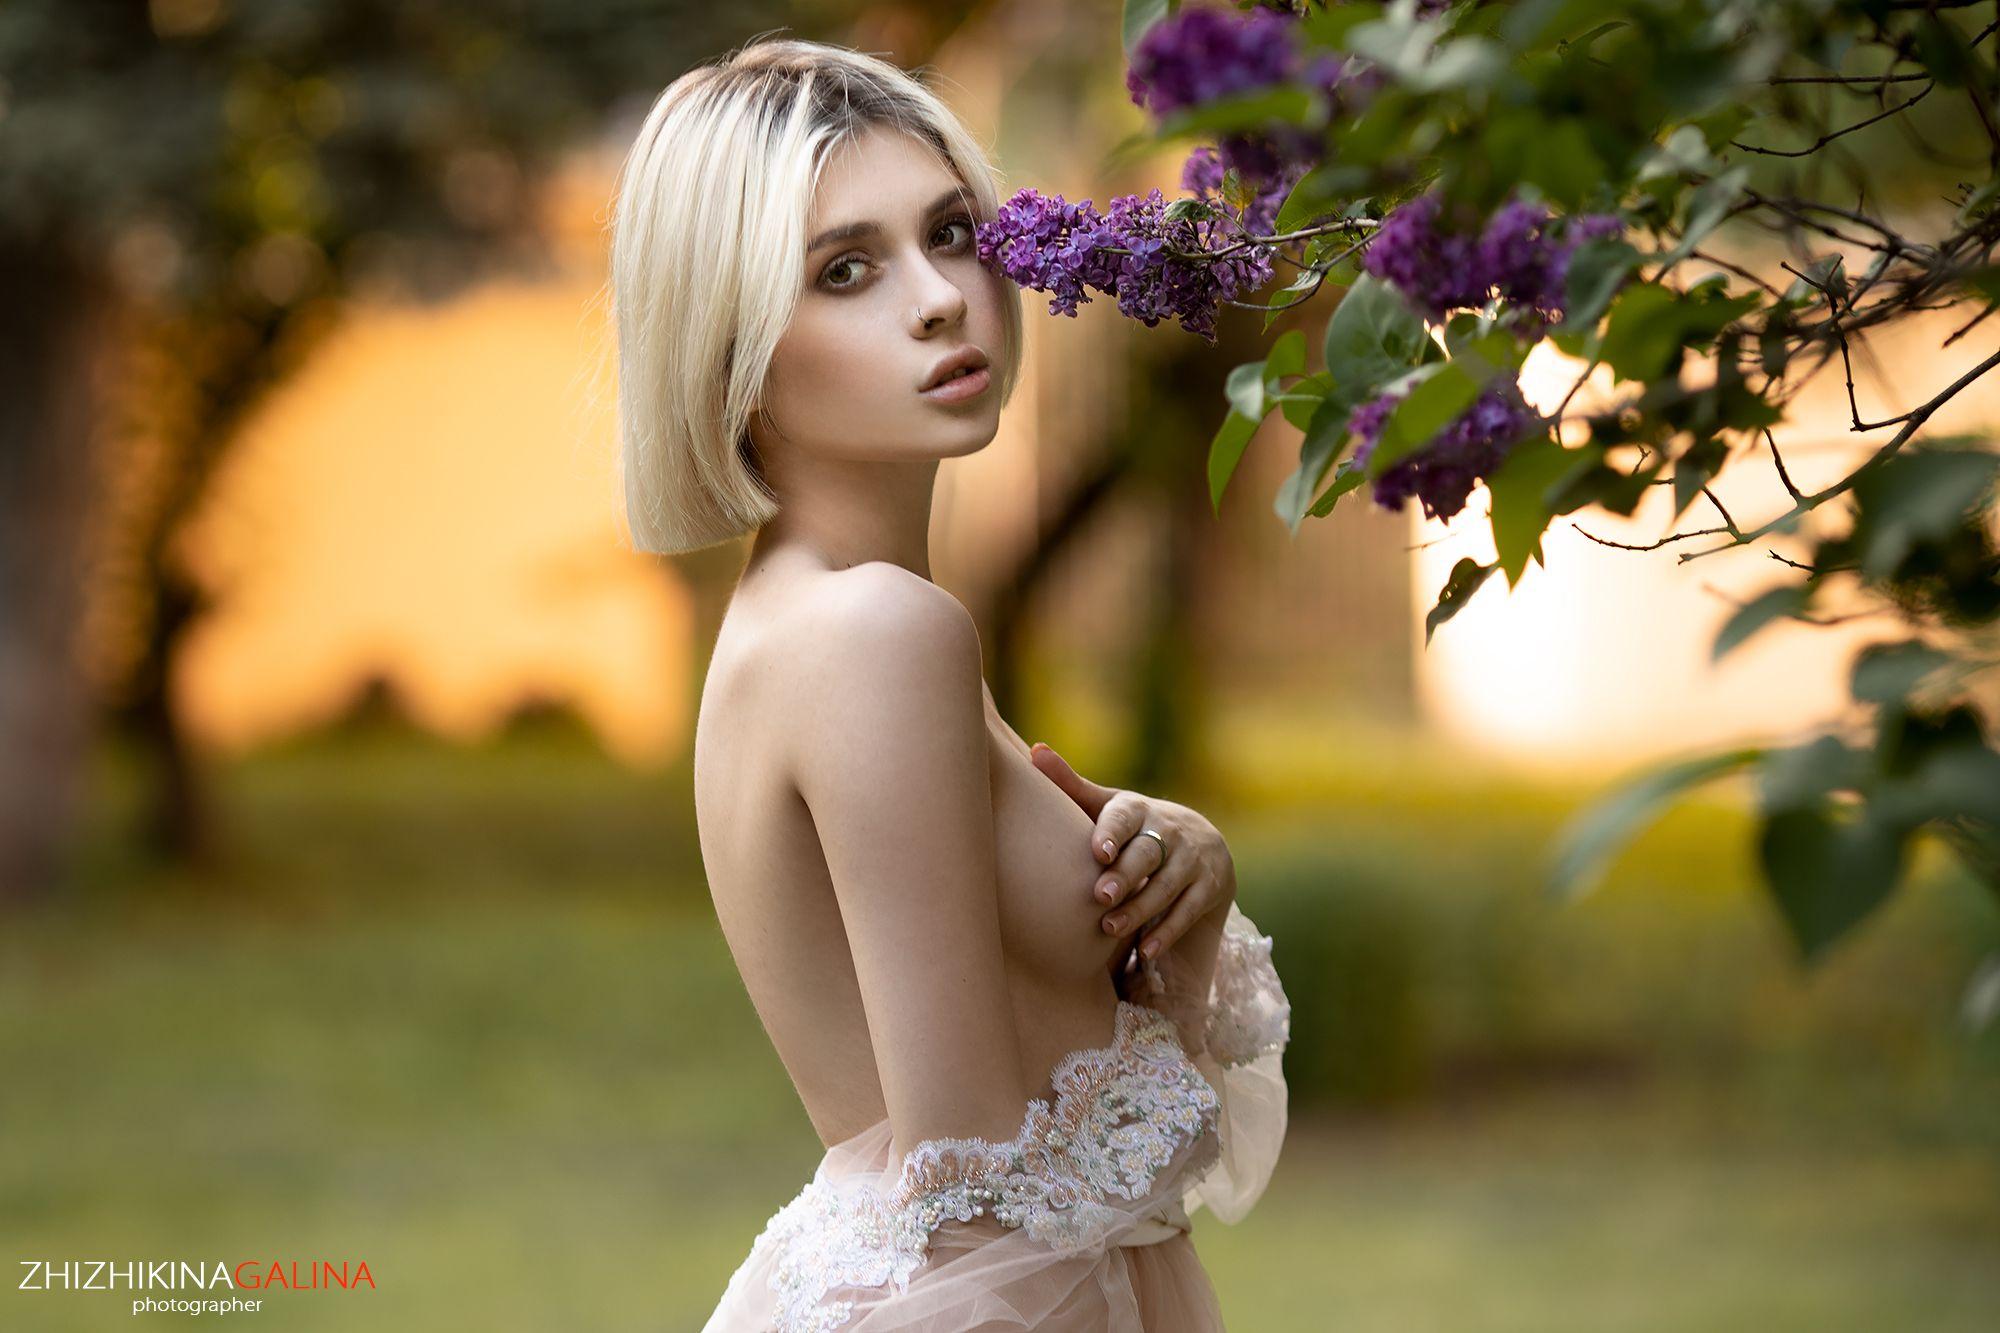 девушка, портрет, топлесс, лицо, сирень, цветы, girl, face, portrait, nude, flower, Галина Жижикина